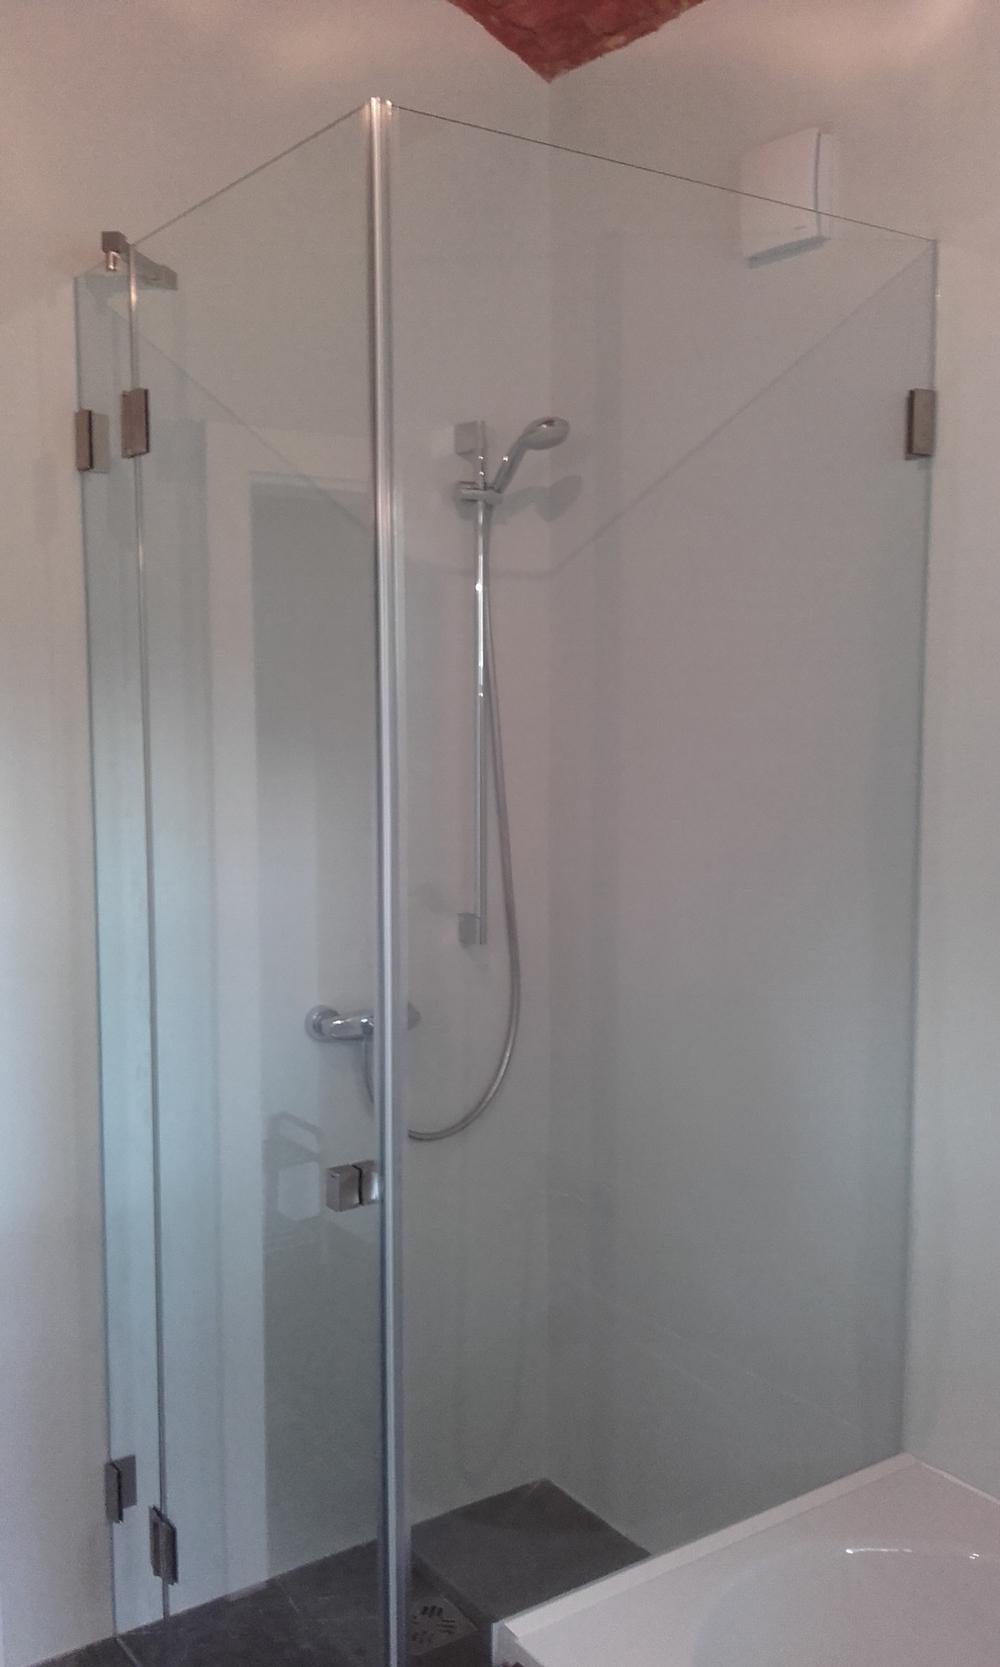 Duschanlagemit.jpg